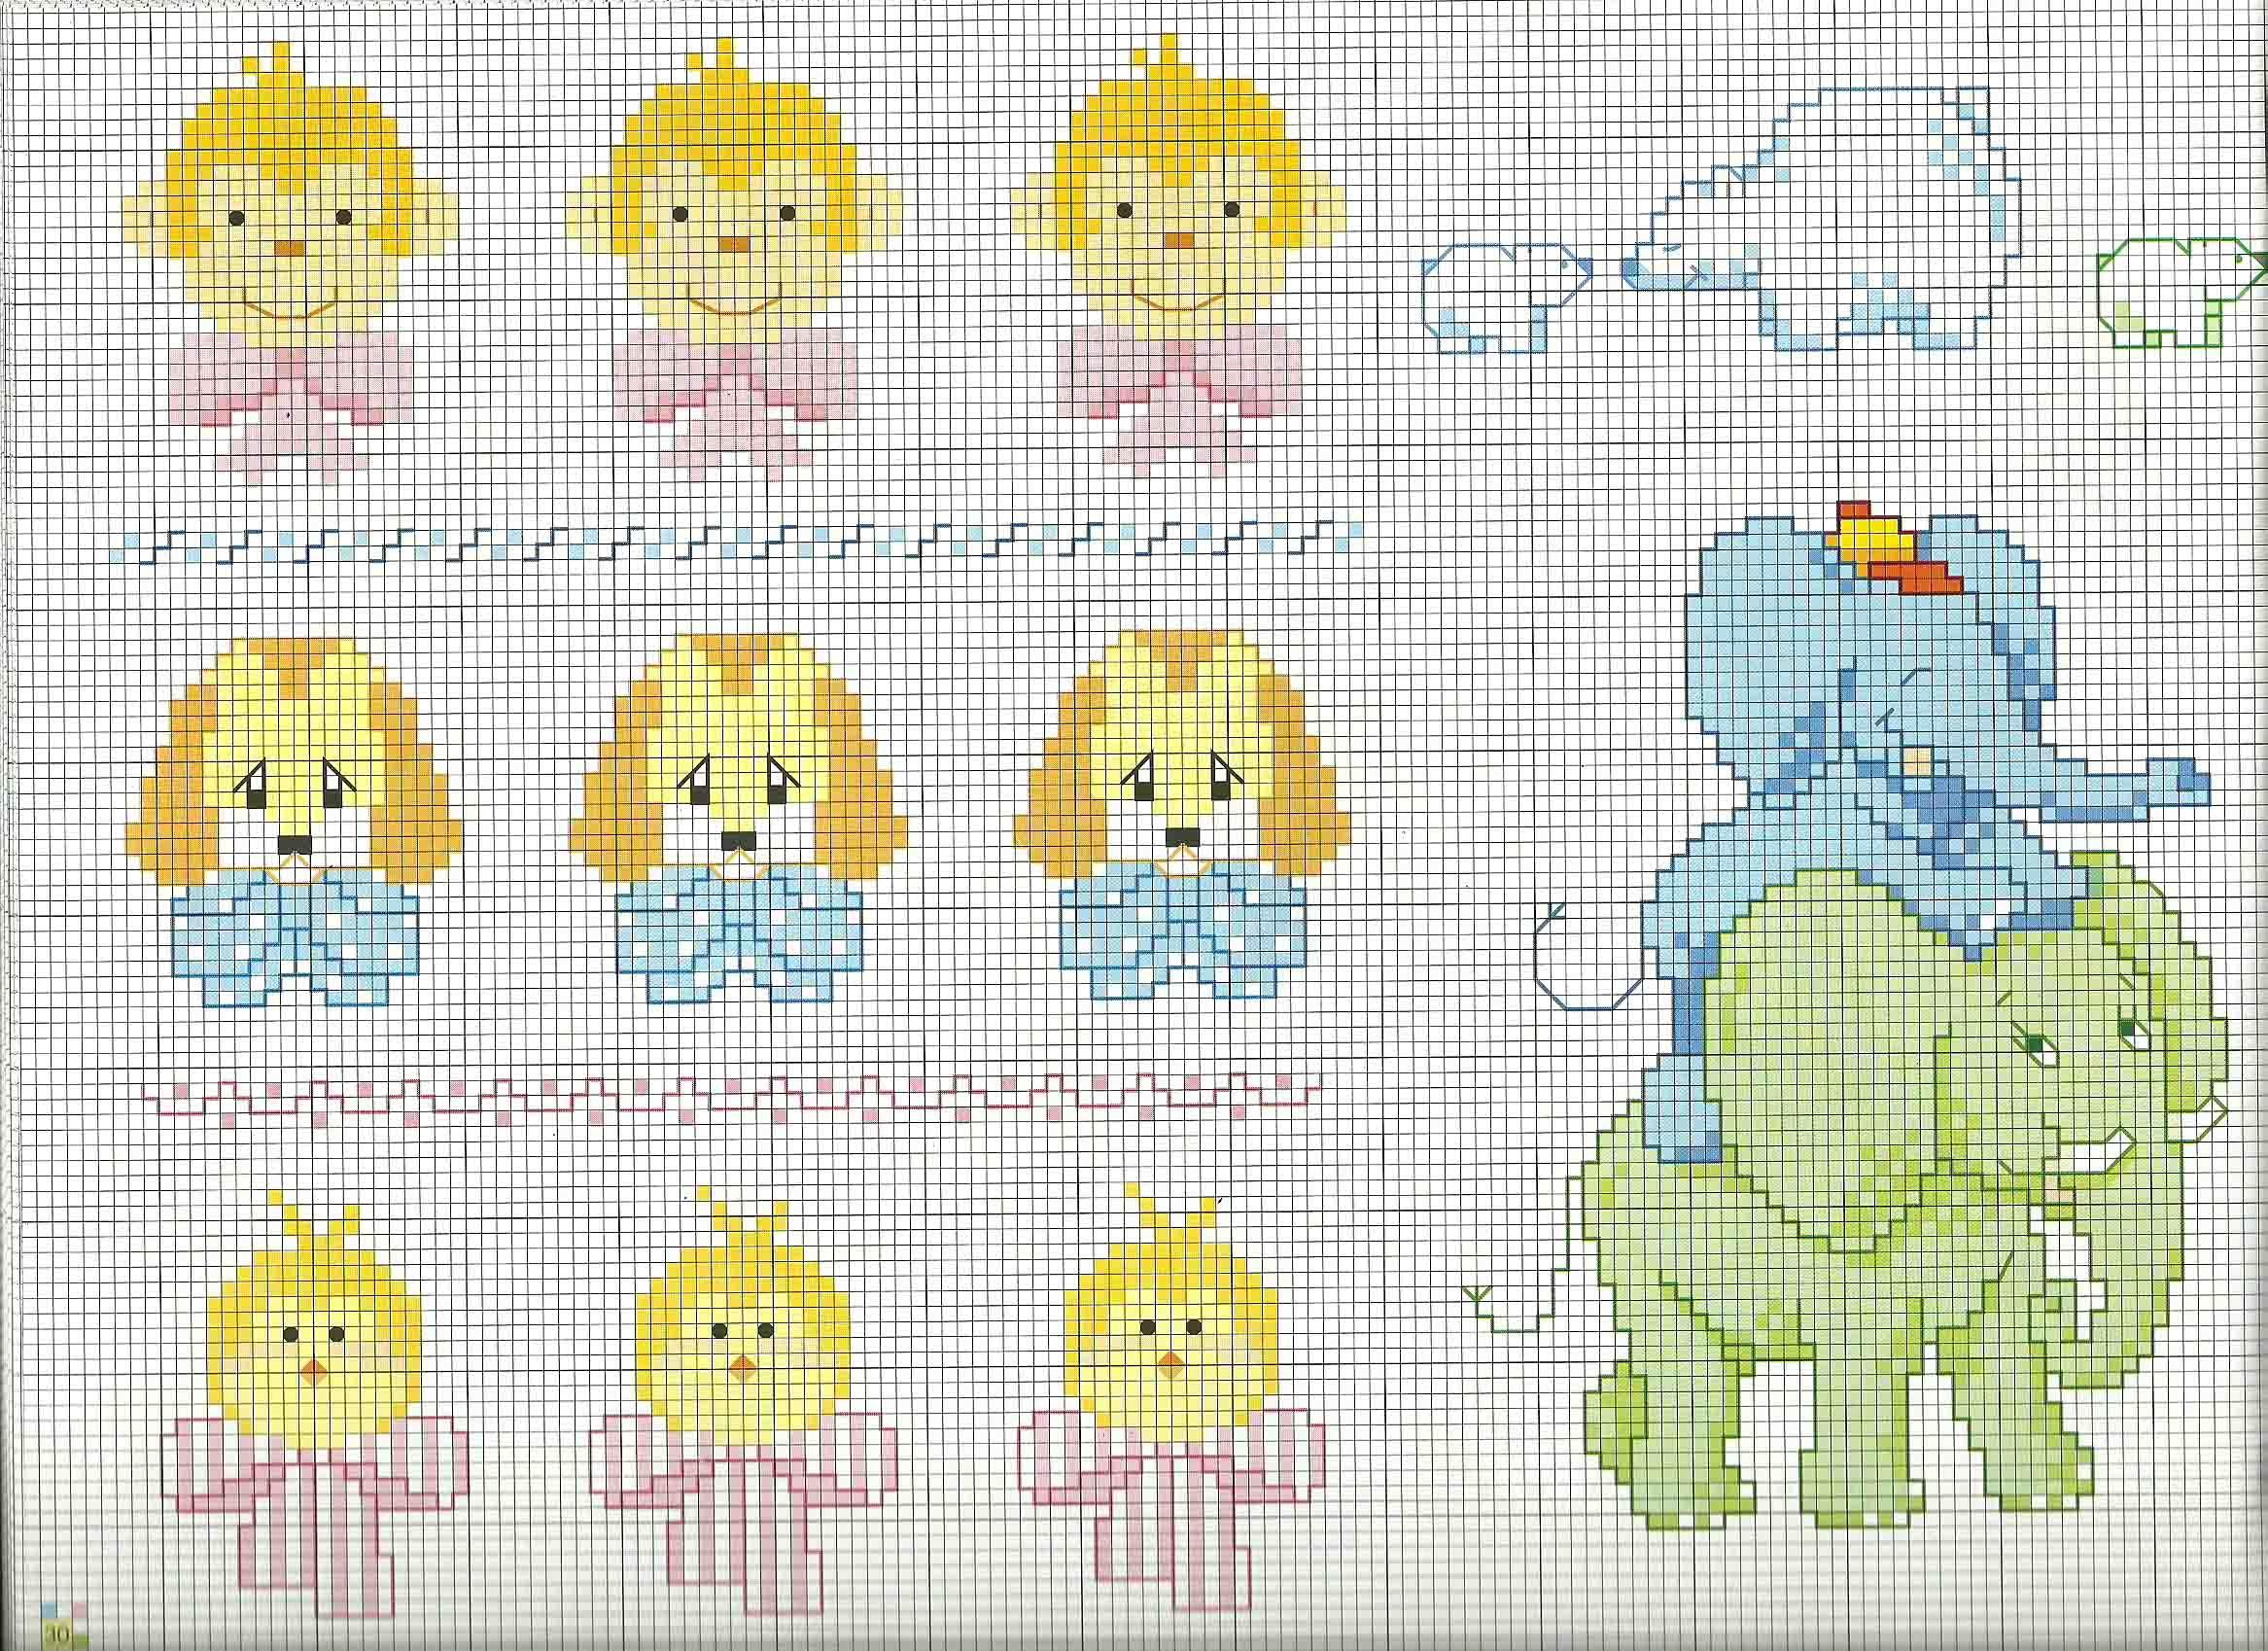 Schemi Elettrici Per Bambini : Schemi bebè copertina scimmiette cagnolini pulcini